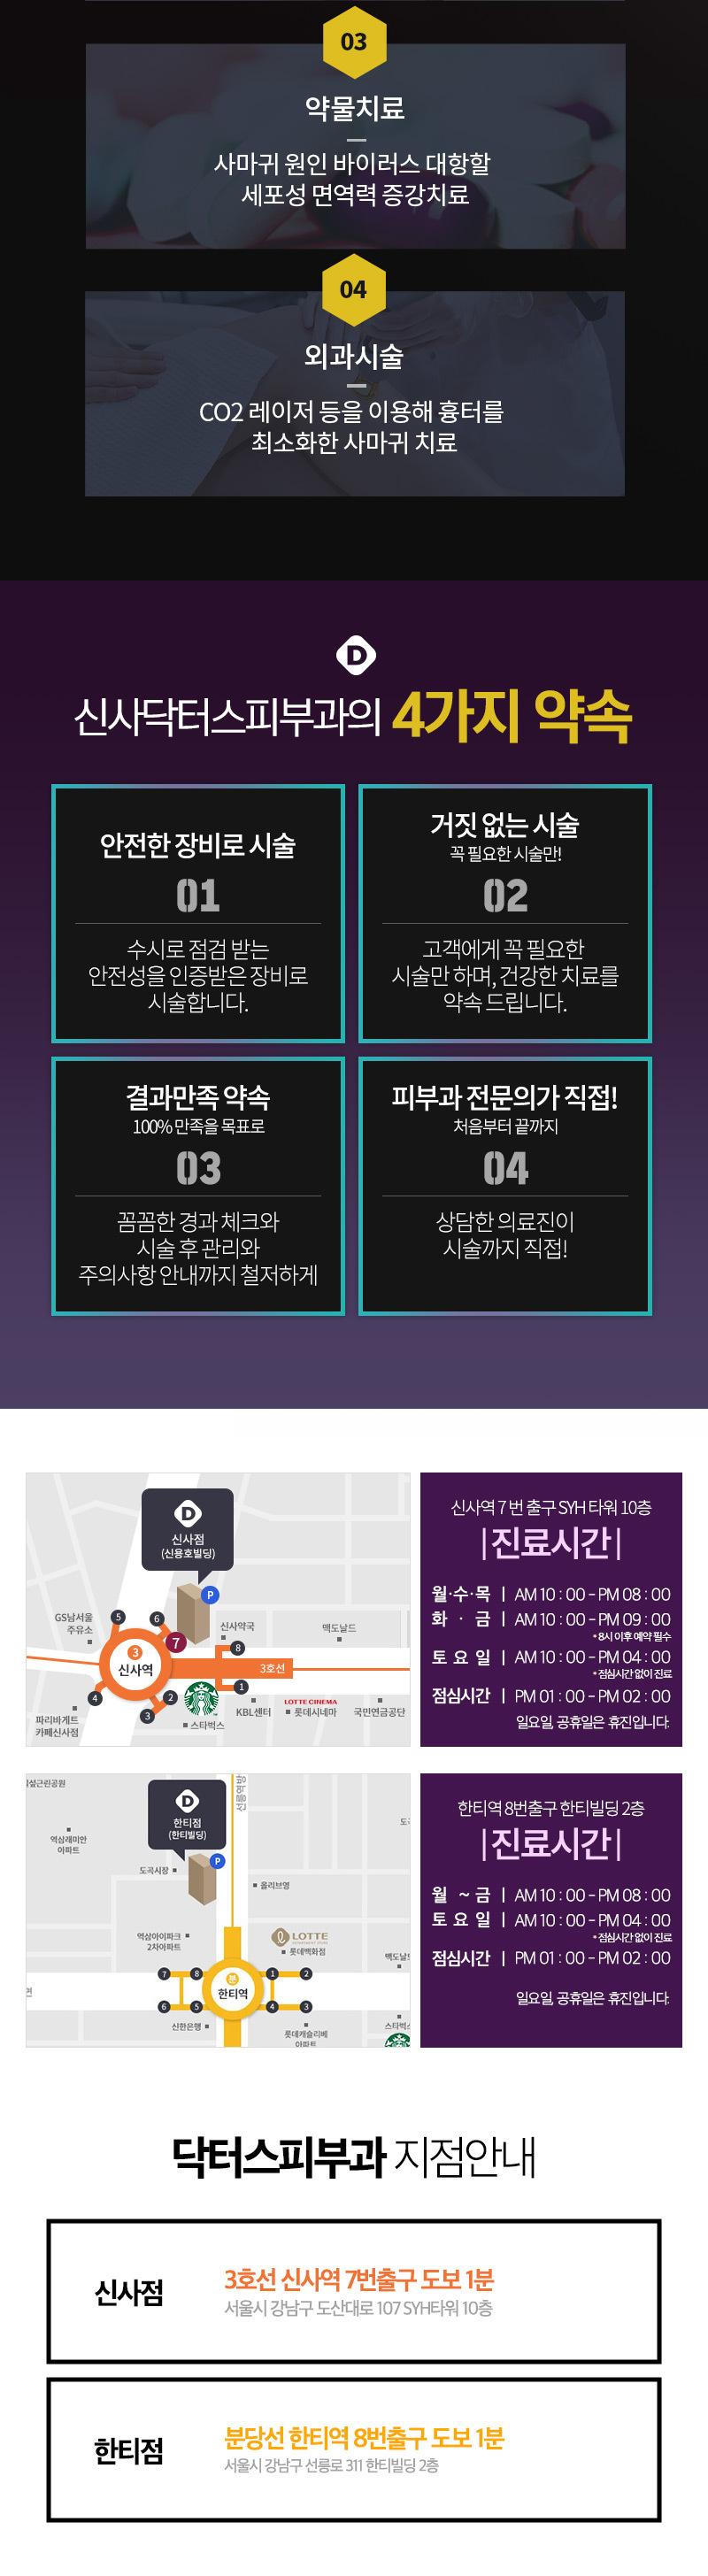 D event info 00ca73cfdbacb5e79f